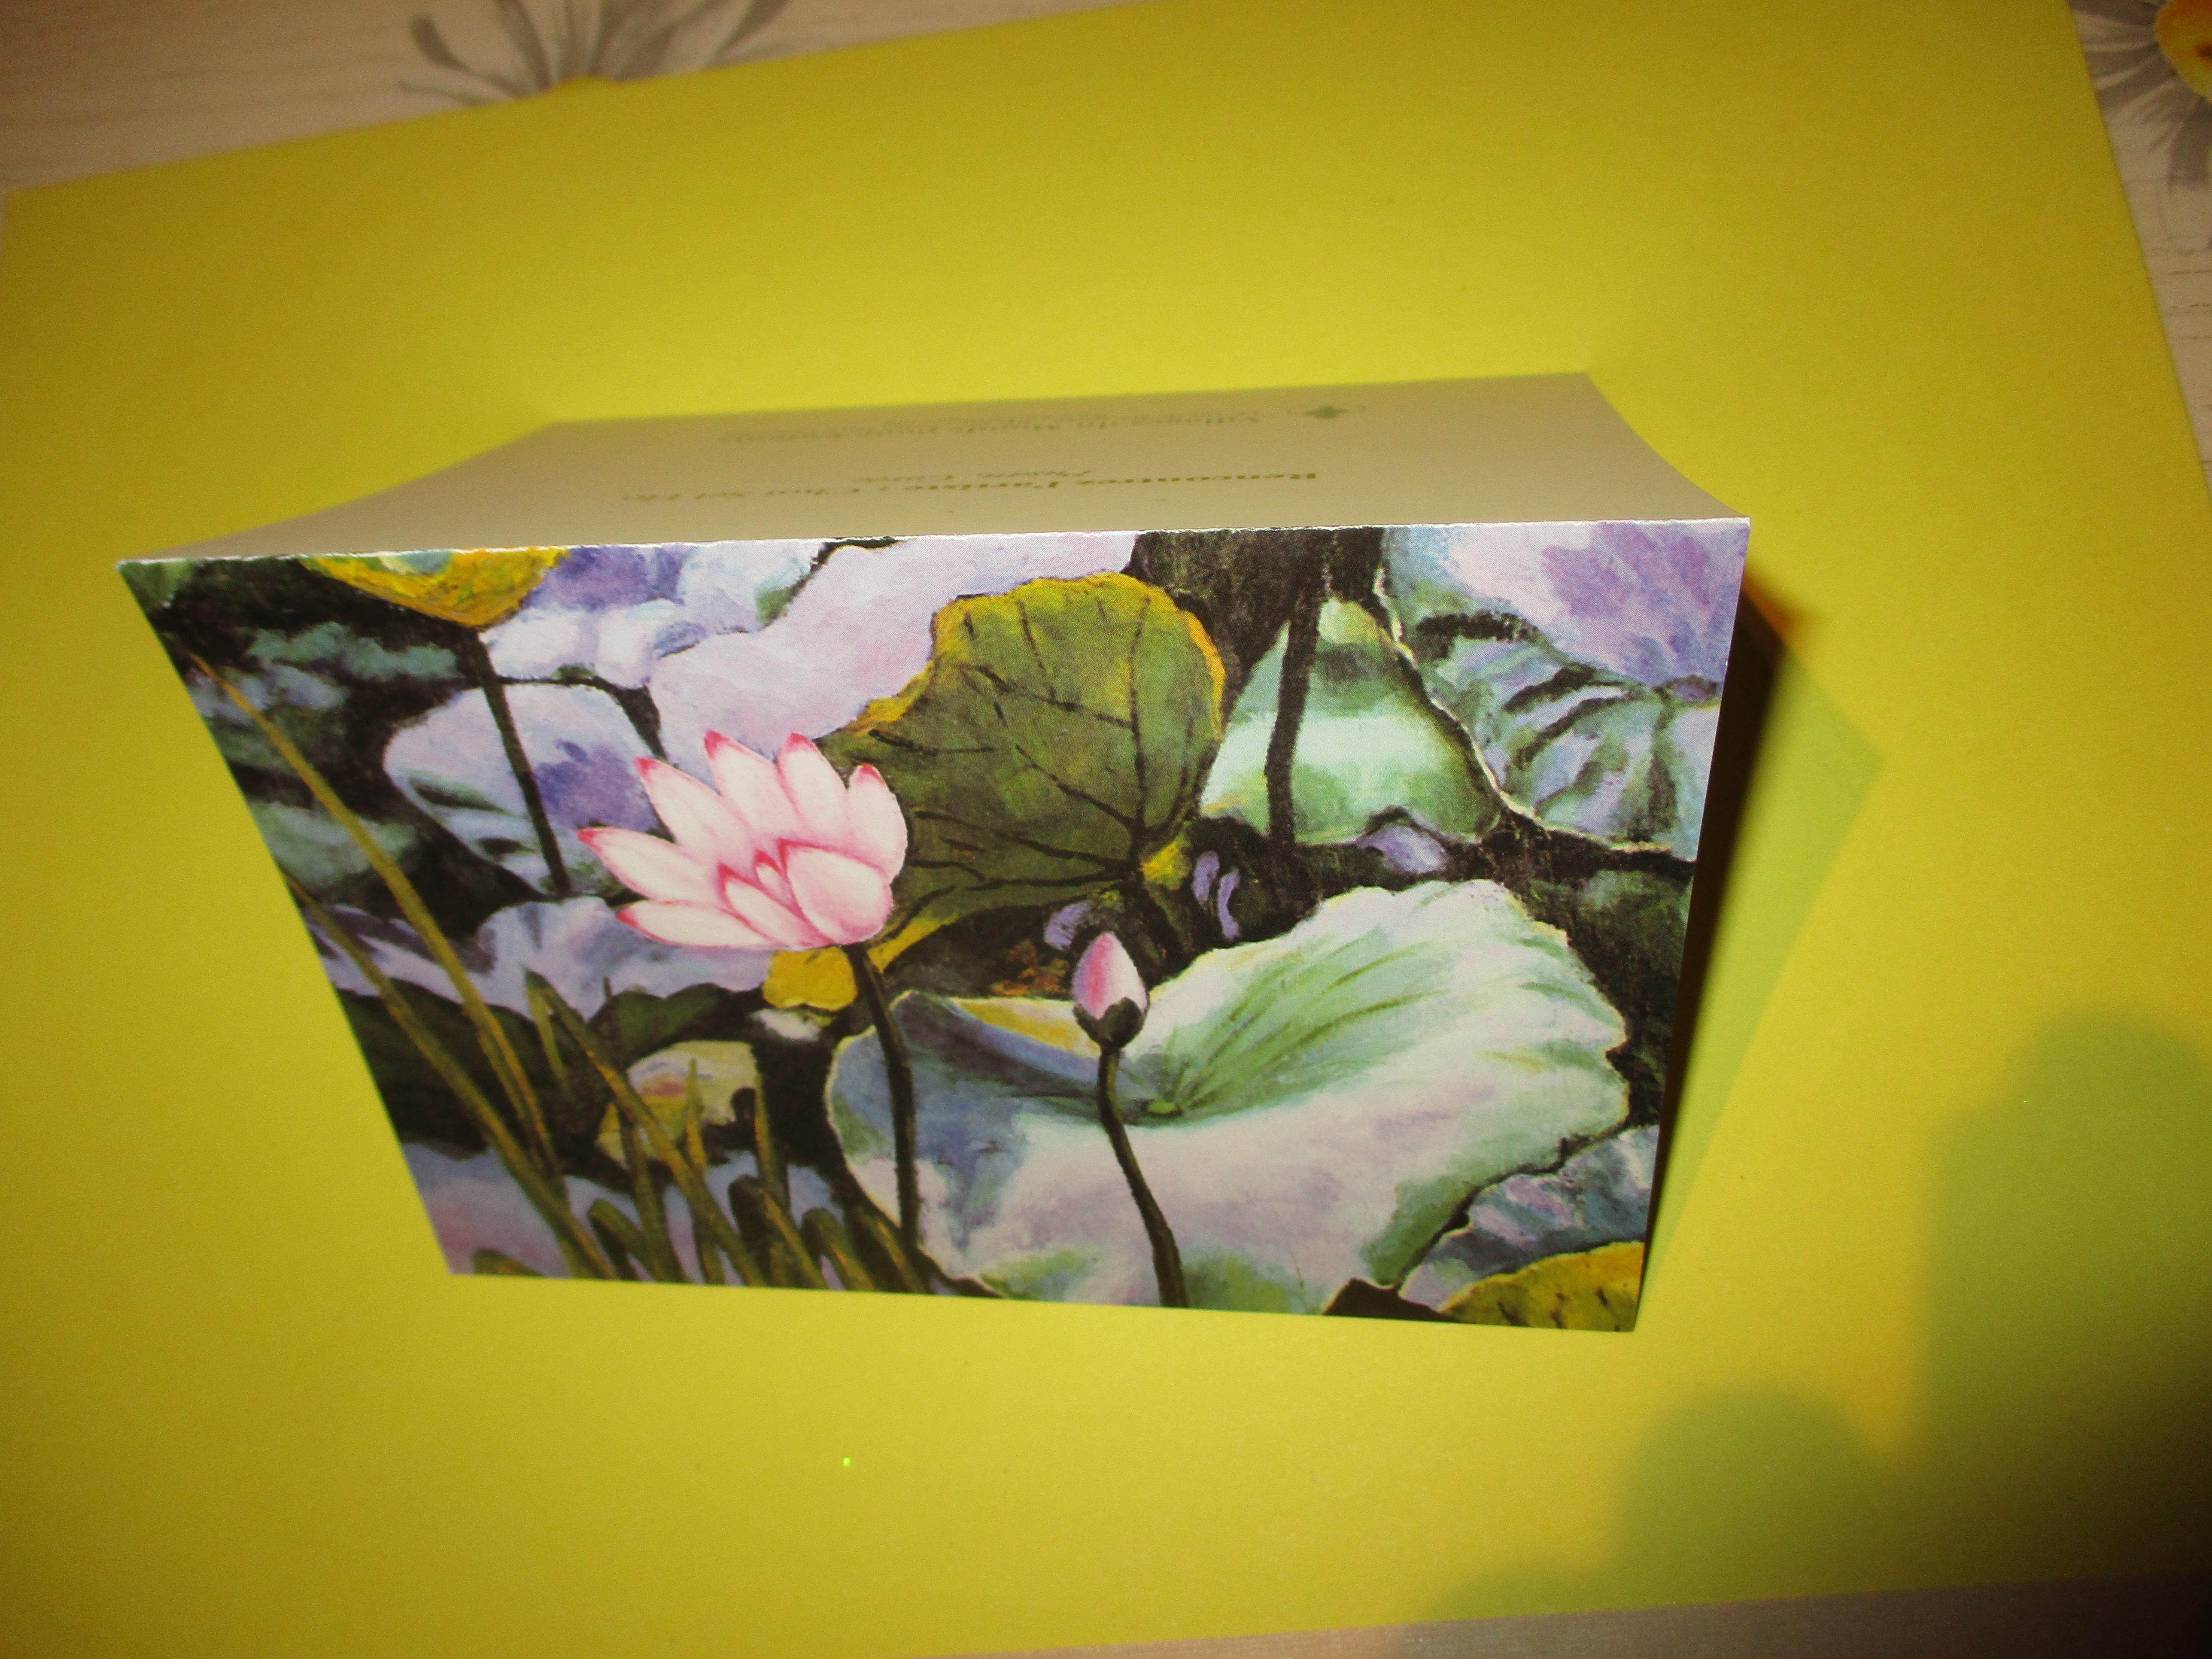 troc de troc carte avec fleur image 0